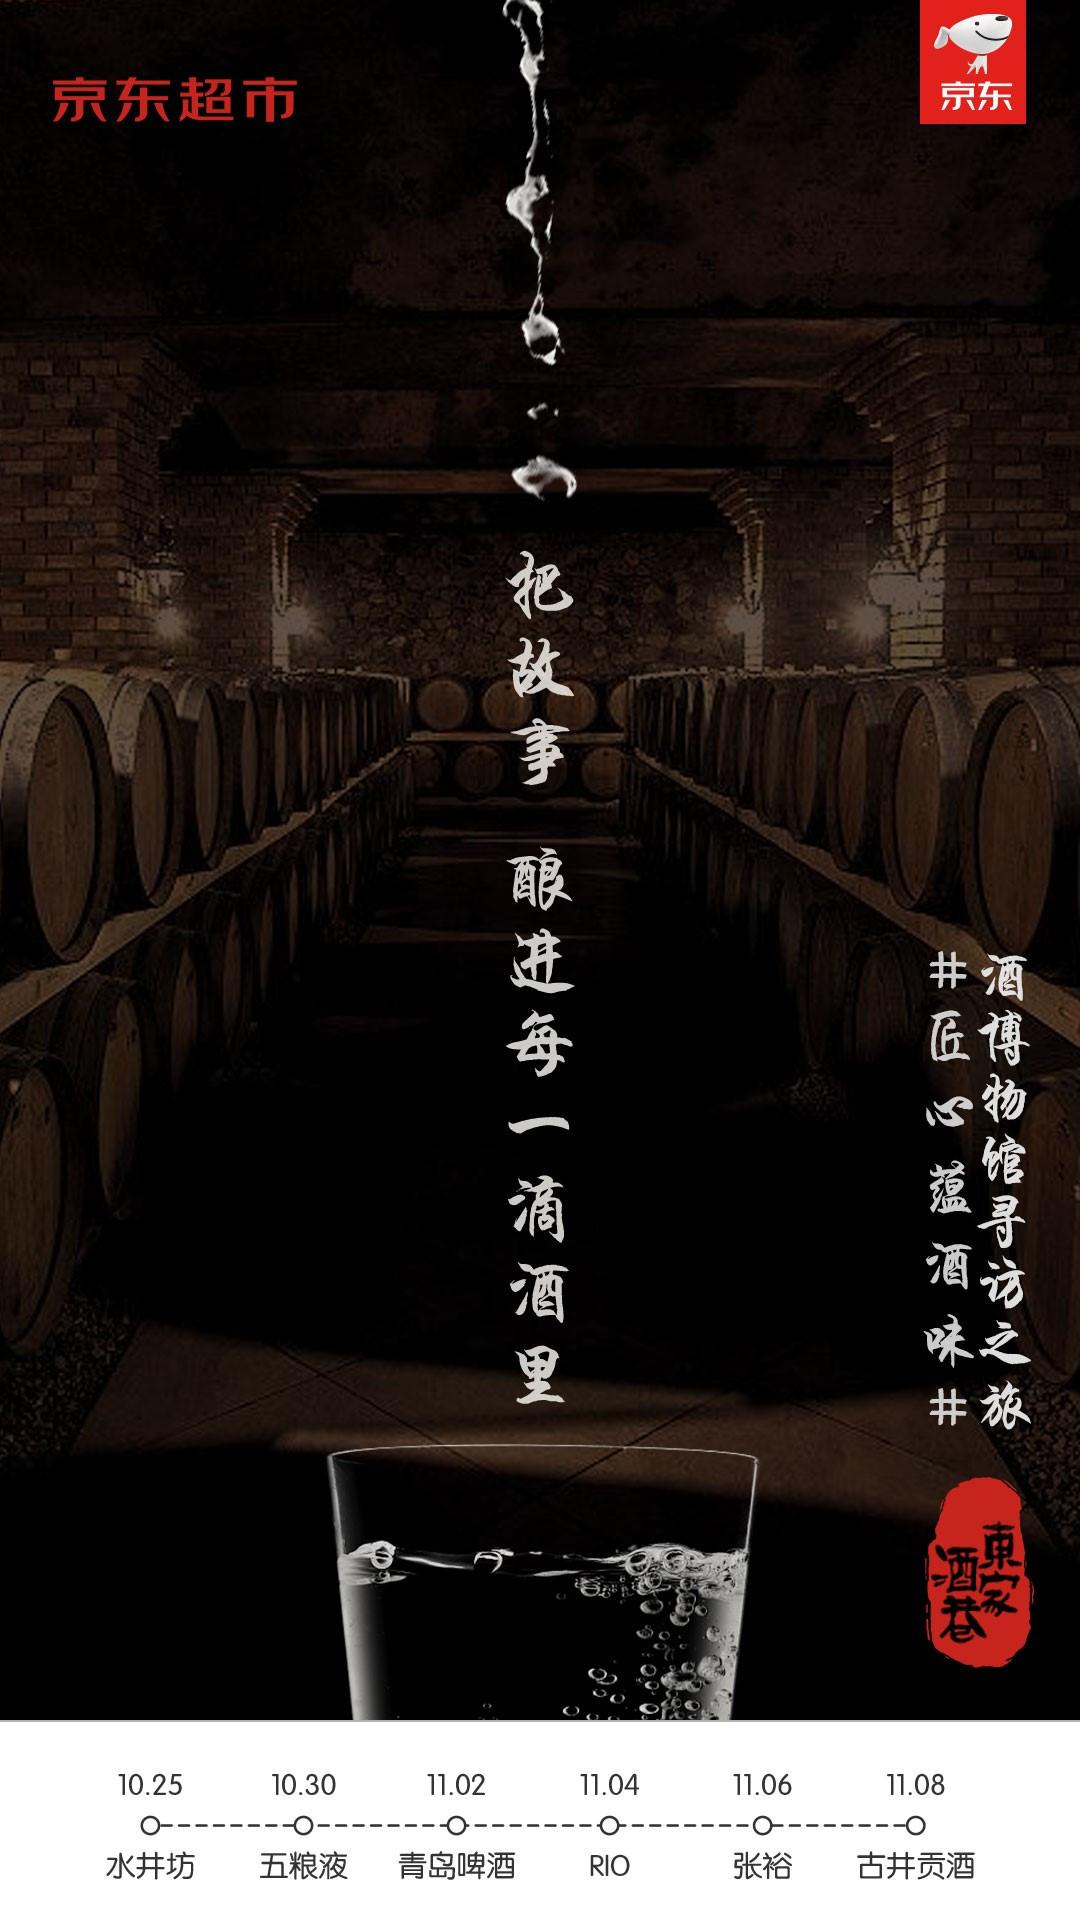 匠心蕴酒味,京东酒博物馆之旅带你领略奇妙的酒文化